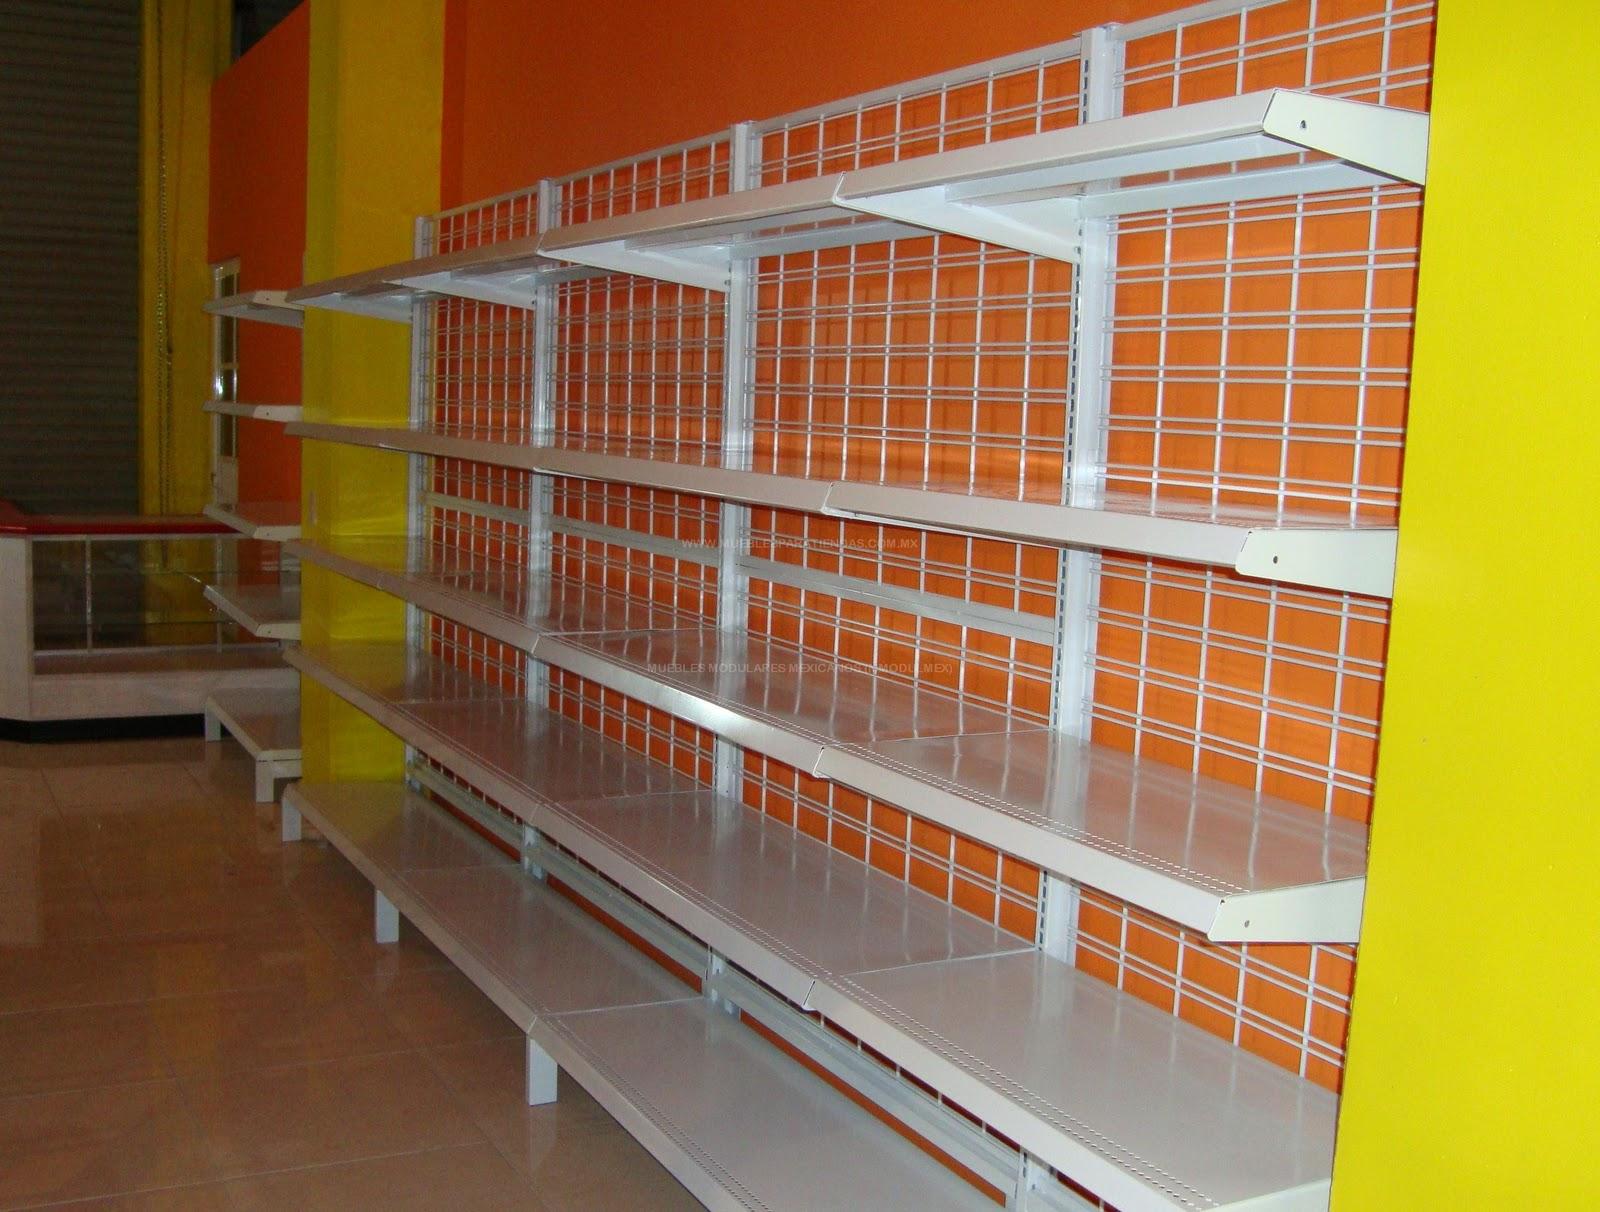 Estanteria metalica muebles metalicos y anaqueles - Estanterias metalicas de diseno ...